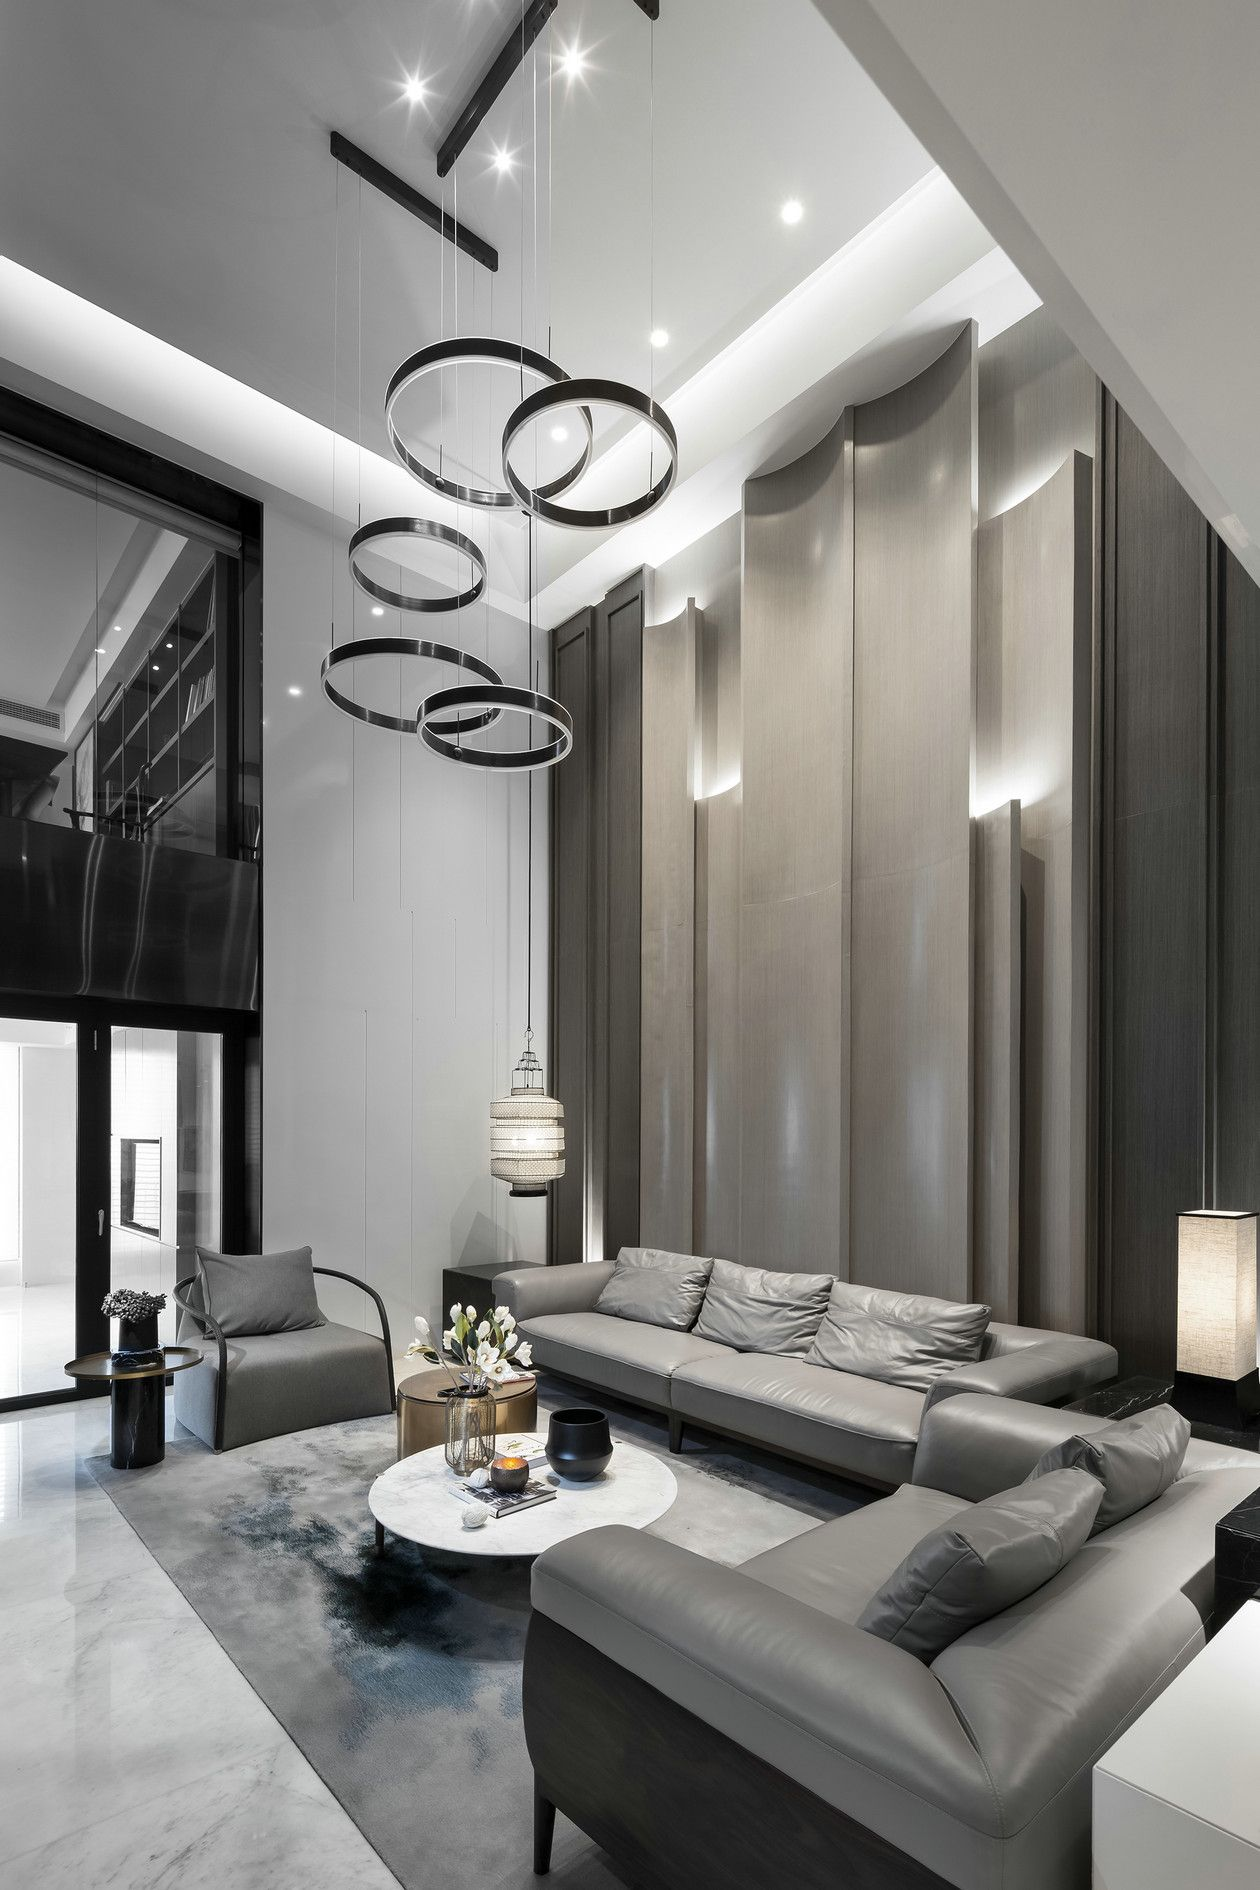 Innenarchitektur für wohnzimmer für kleines haus pin von jojo auf einrichtung  pinterest  wohnzimmer haus und